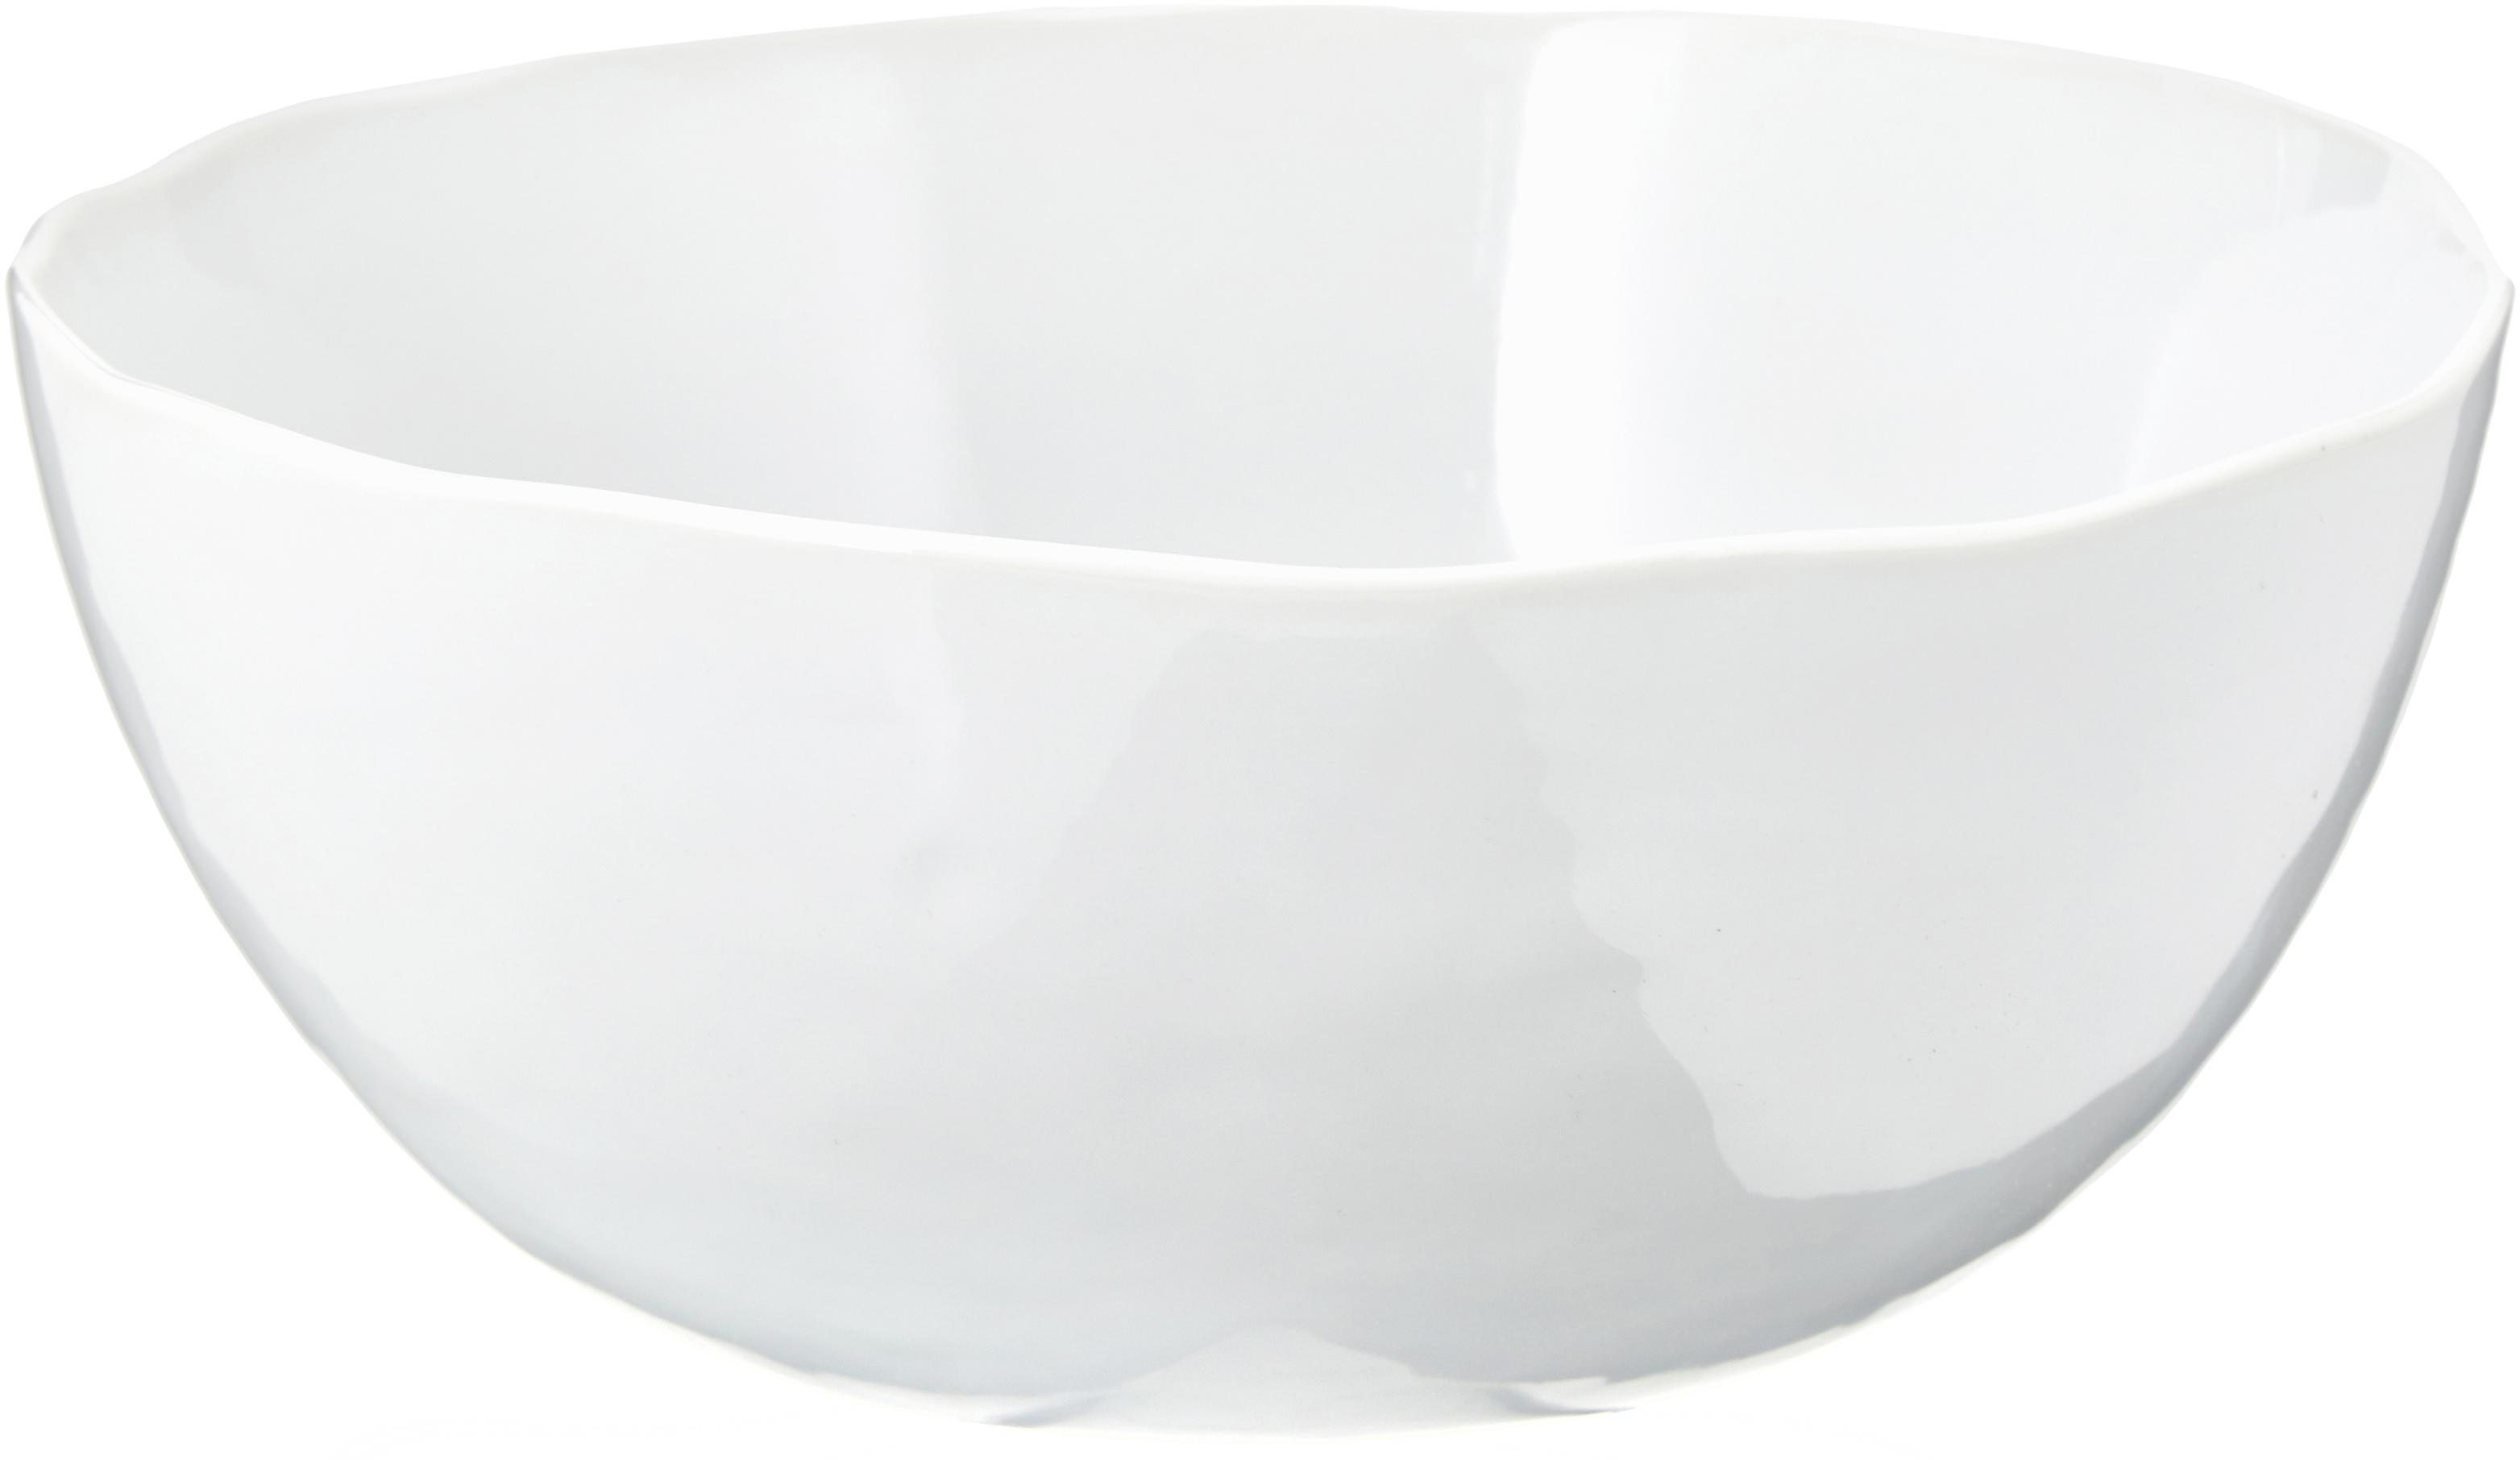 Ciotola centrotavola con superficie irregolare Porcelino, Porcellana, volutamente irregolare, Bianco, Ø 24 x A 10 cm